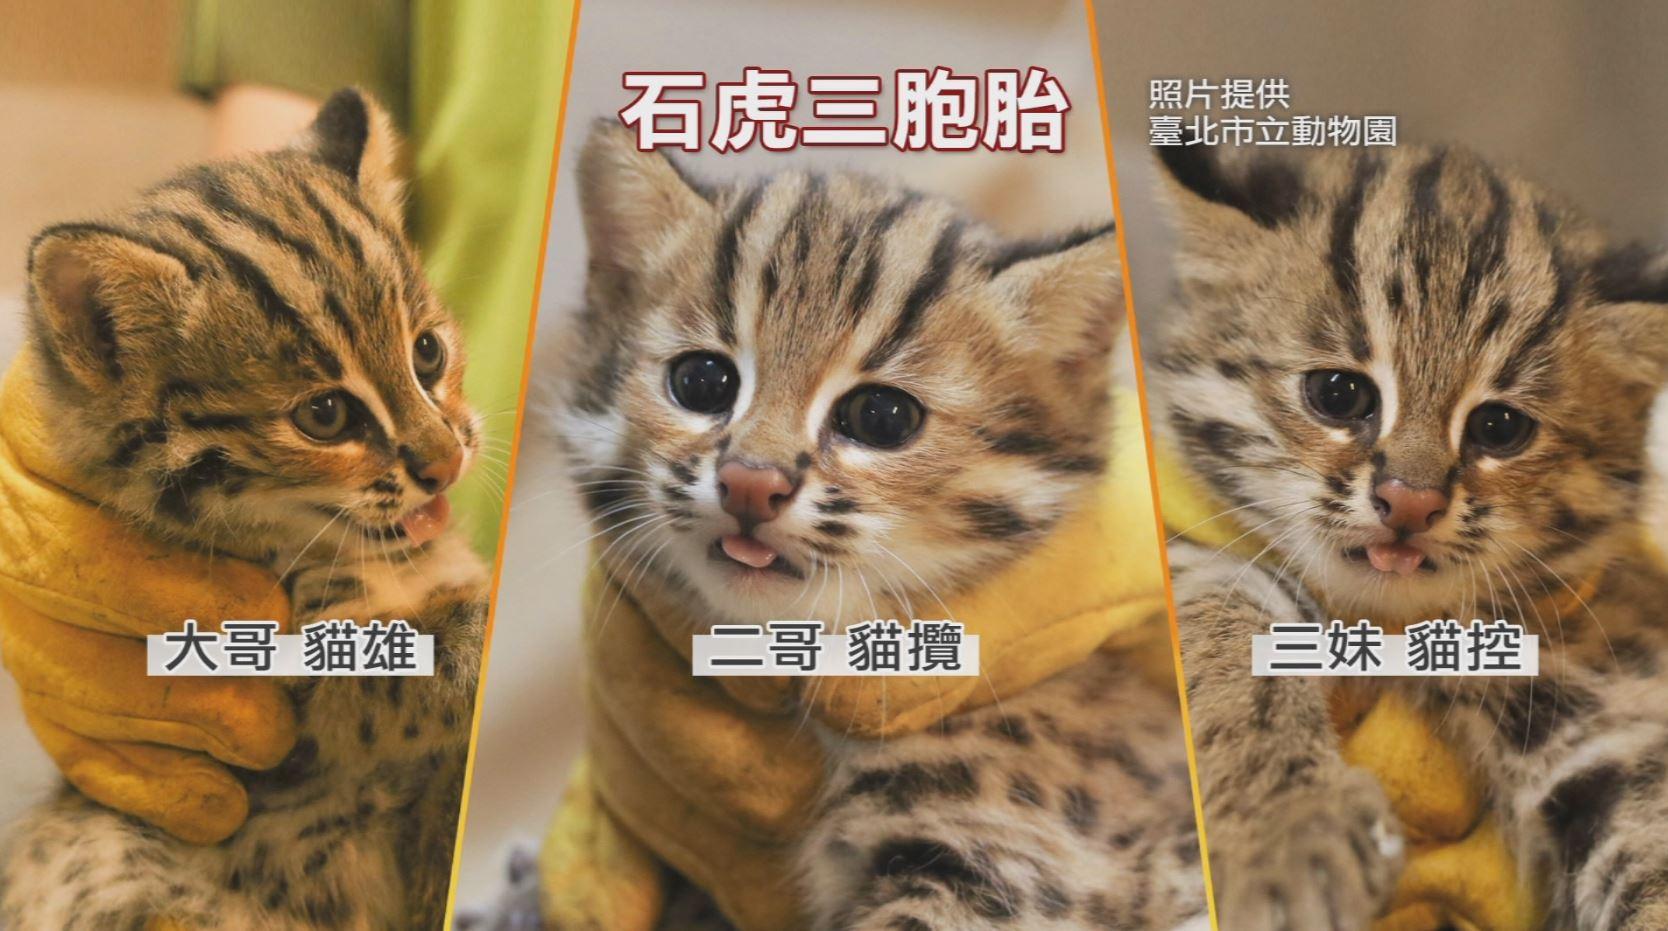 睽違28年! 北市動物園迎石虎寶寶 3胞胎「萌爆」模樣曝